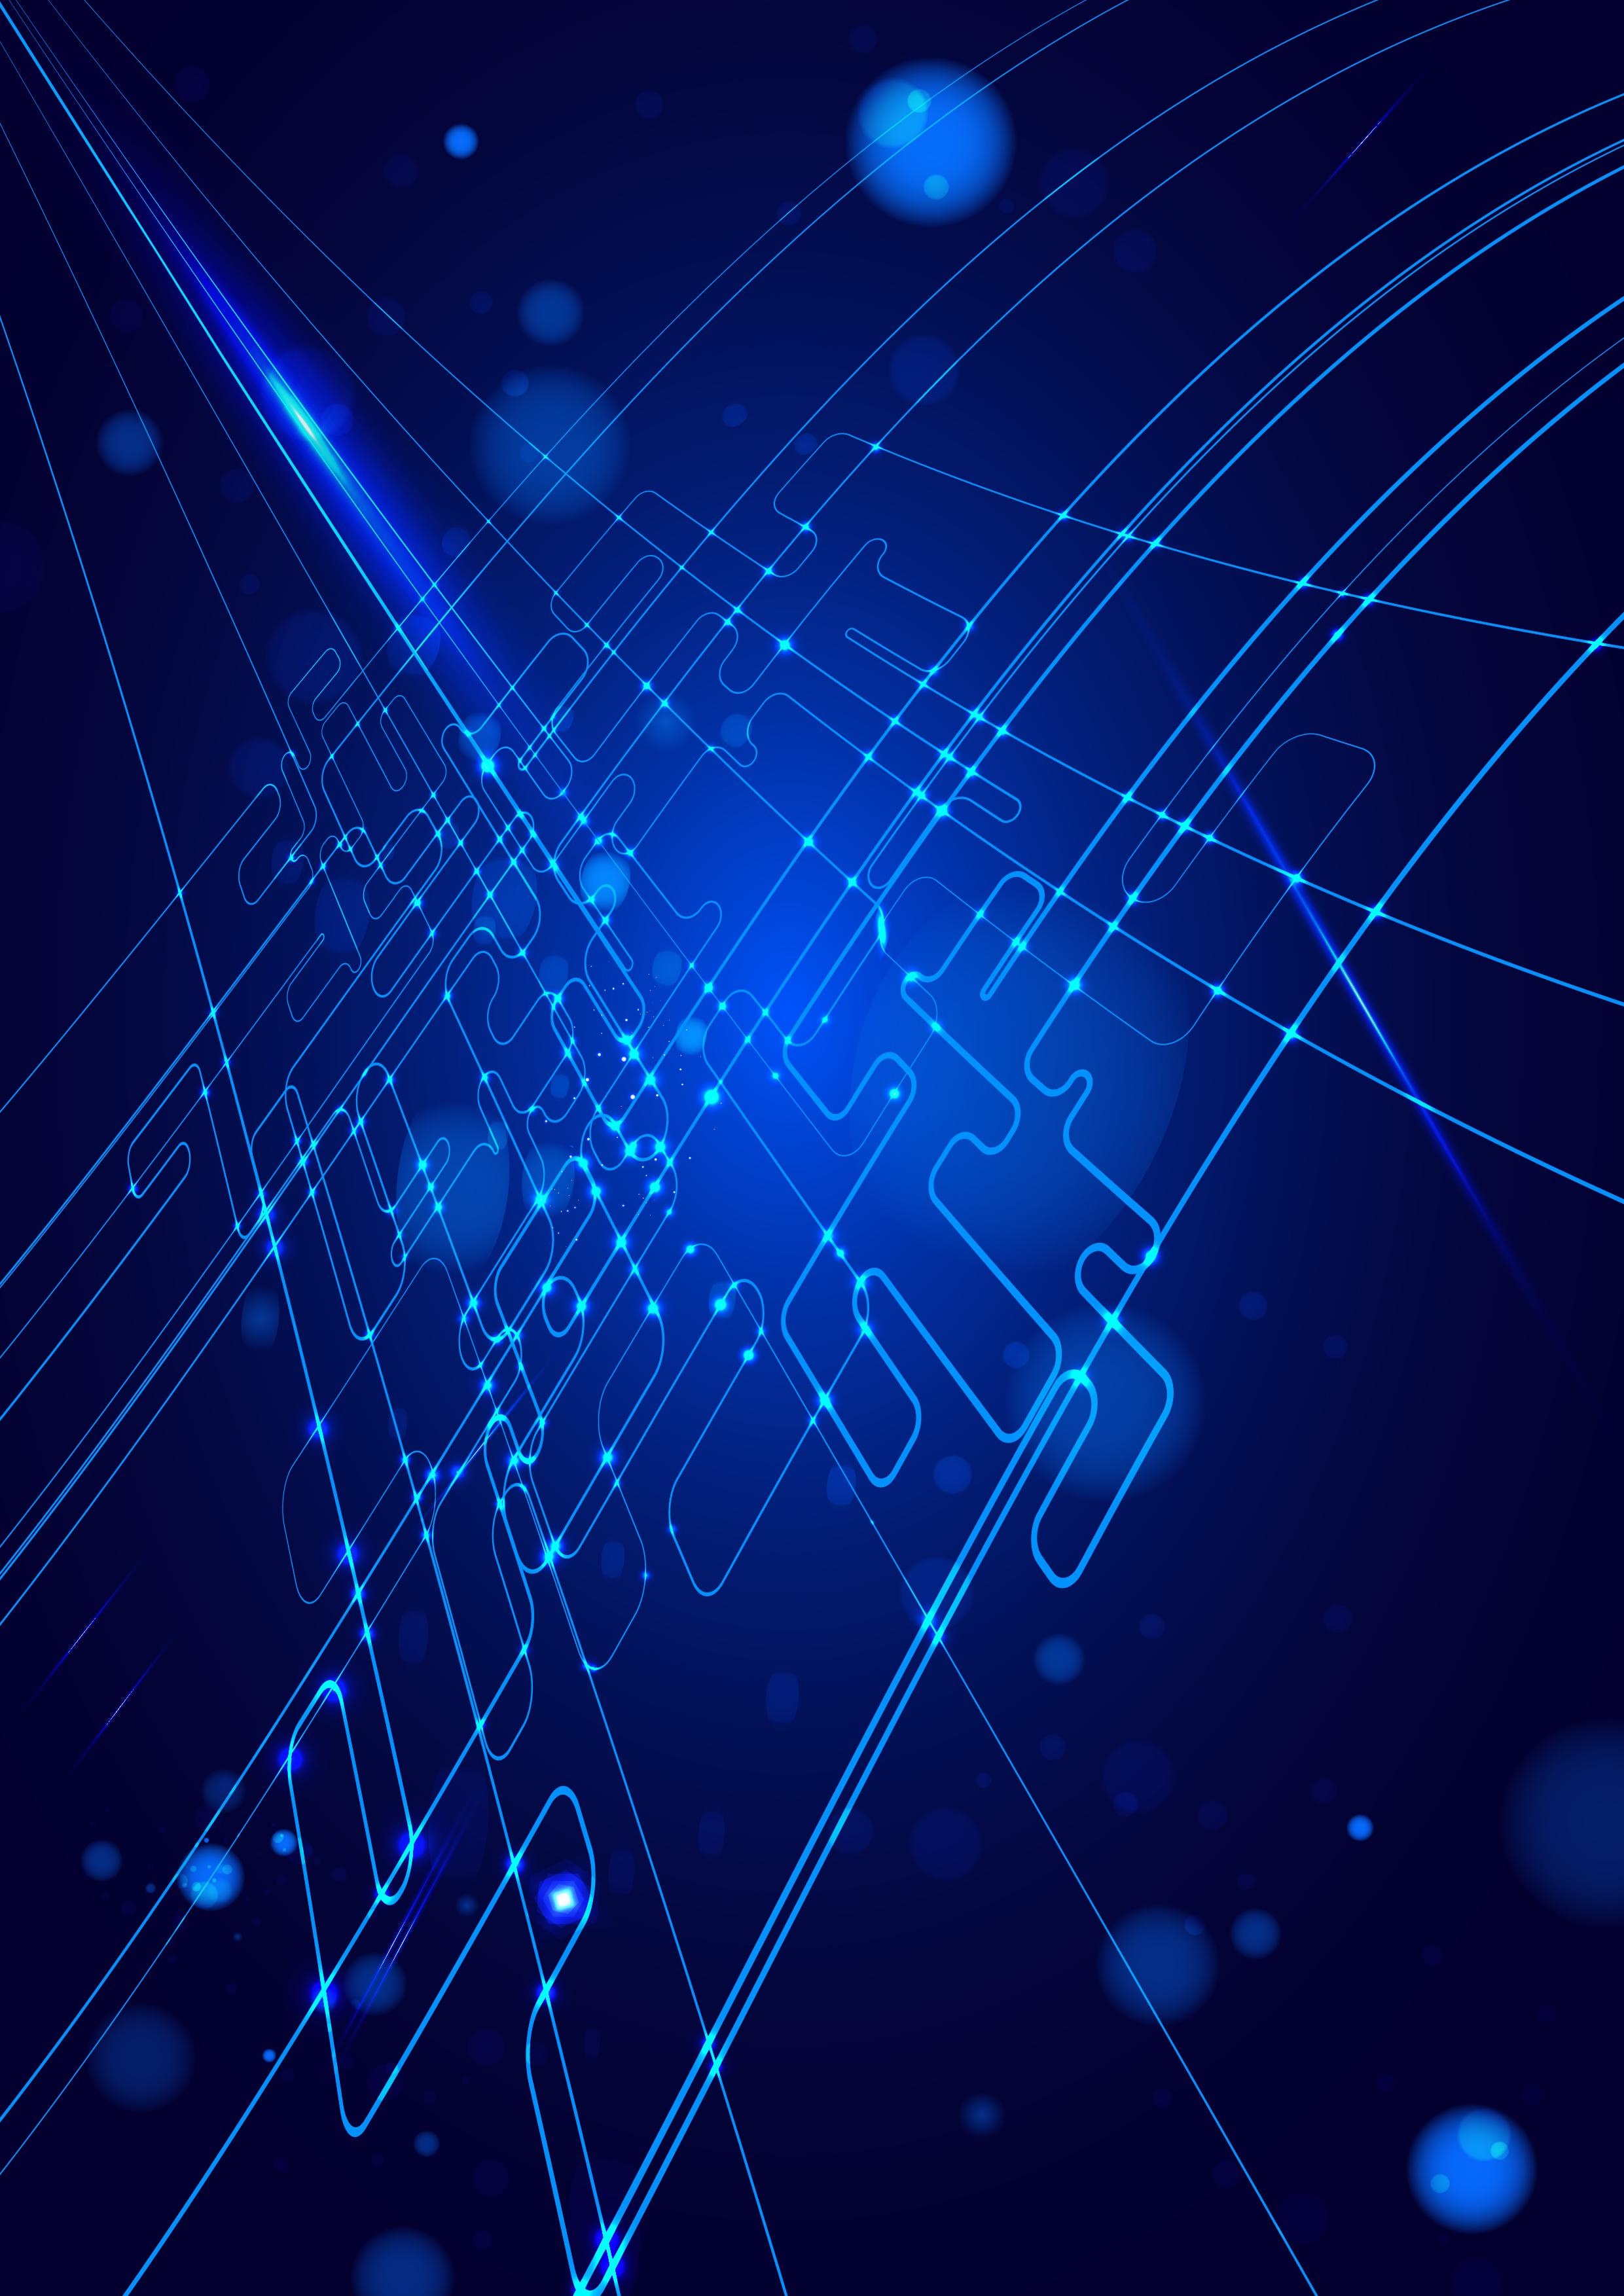 康普最新推出Novux系列产品:助力全球光纤网络部署计划